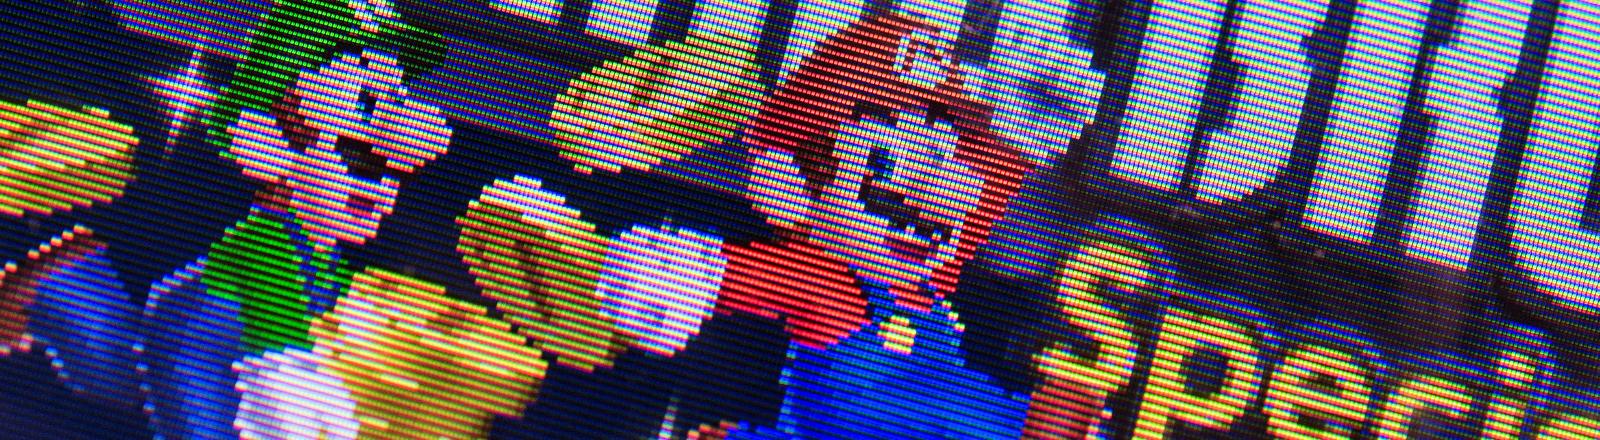 Die Hauptfigur des Videospiels «Super Mario» ist auf einem Nintendo 3DS zu sehen.